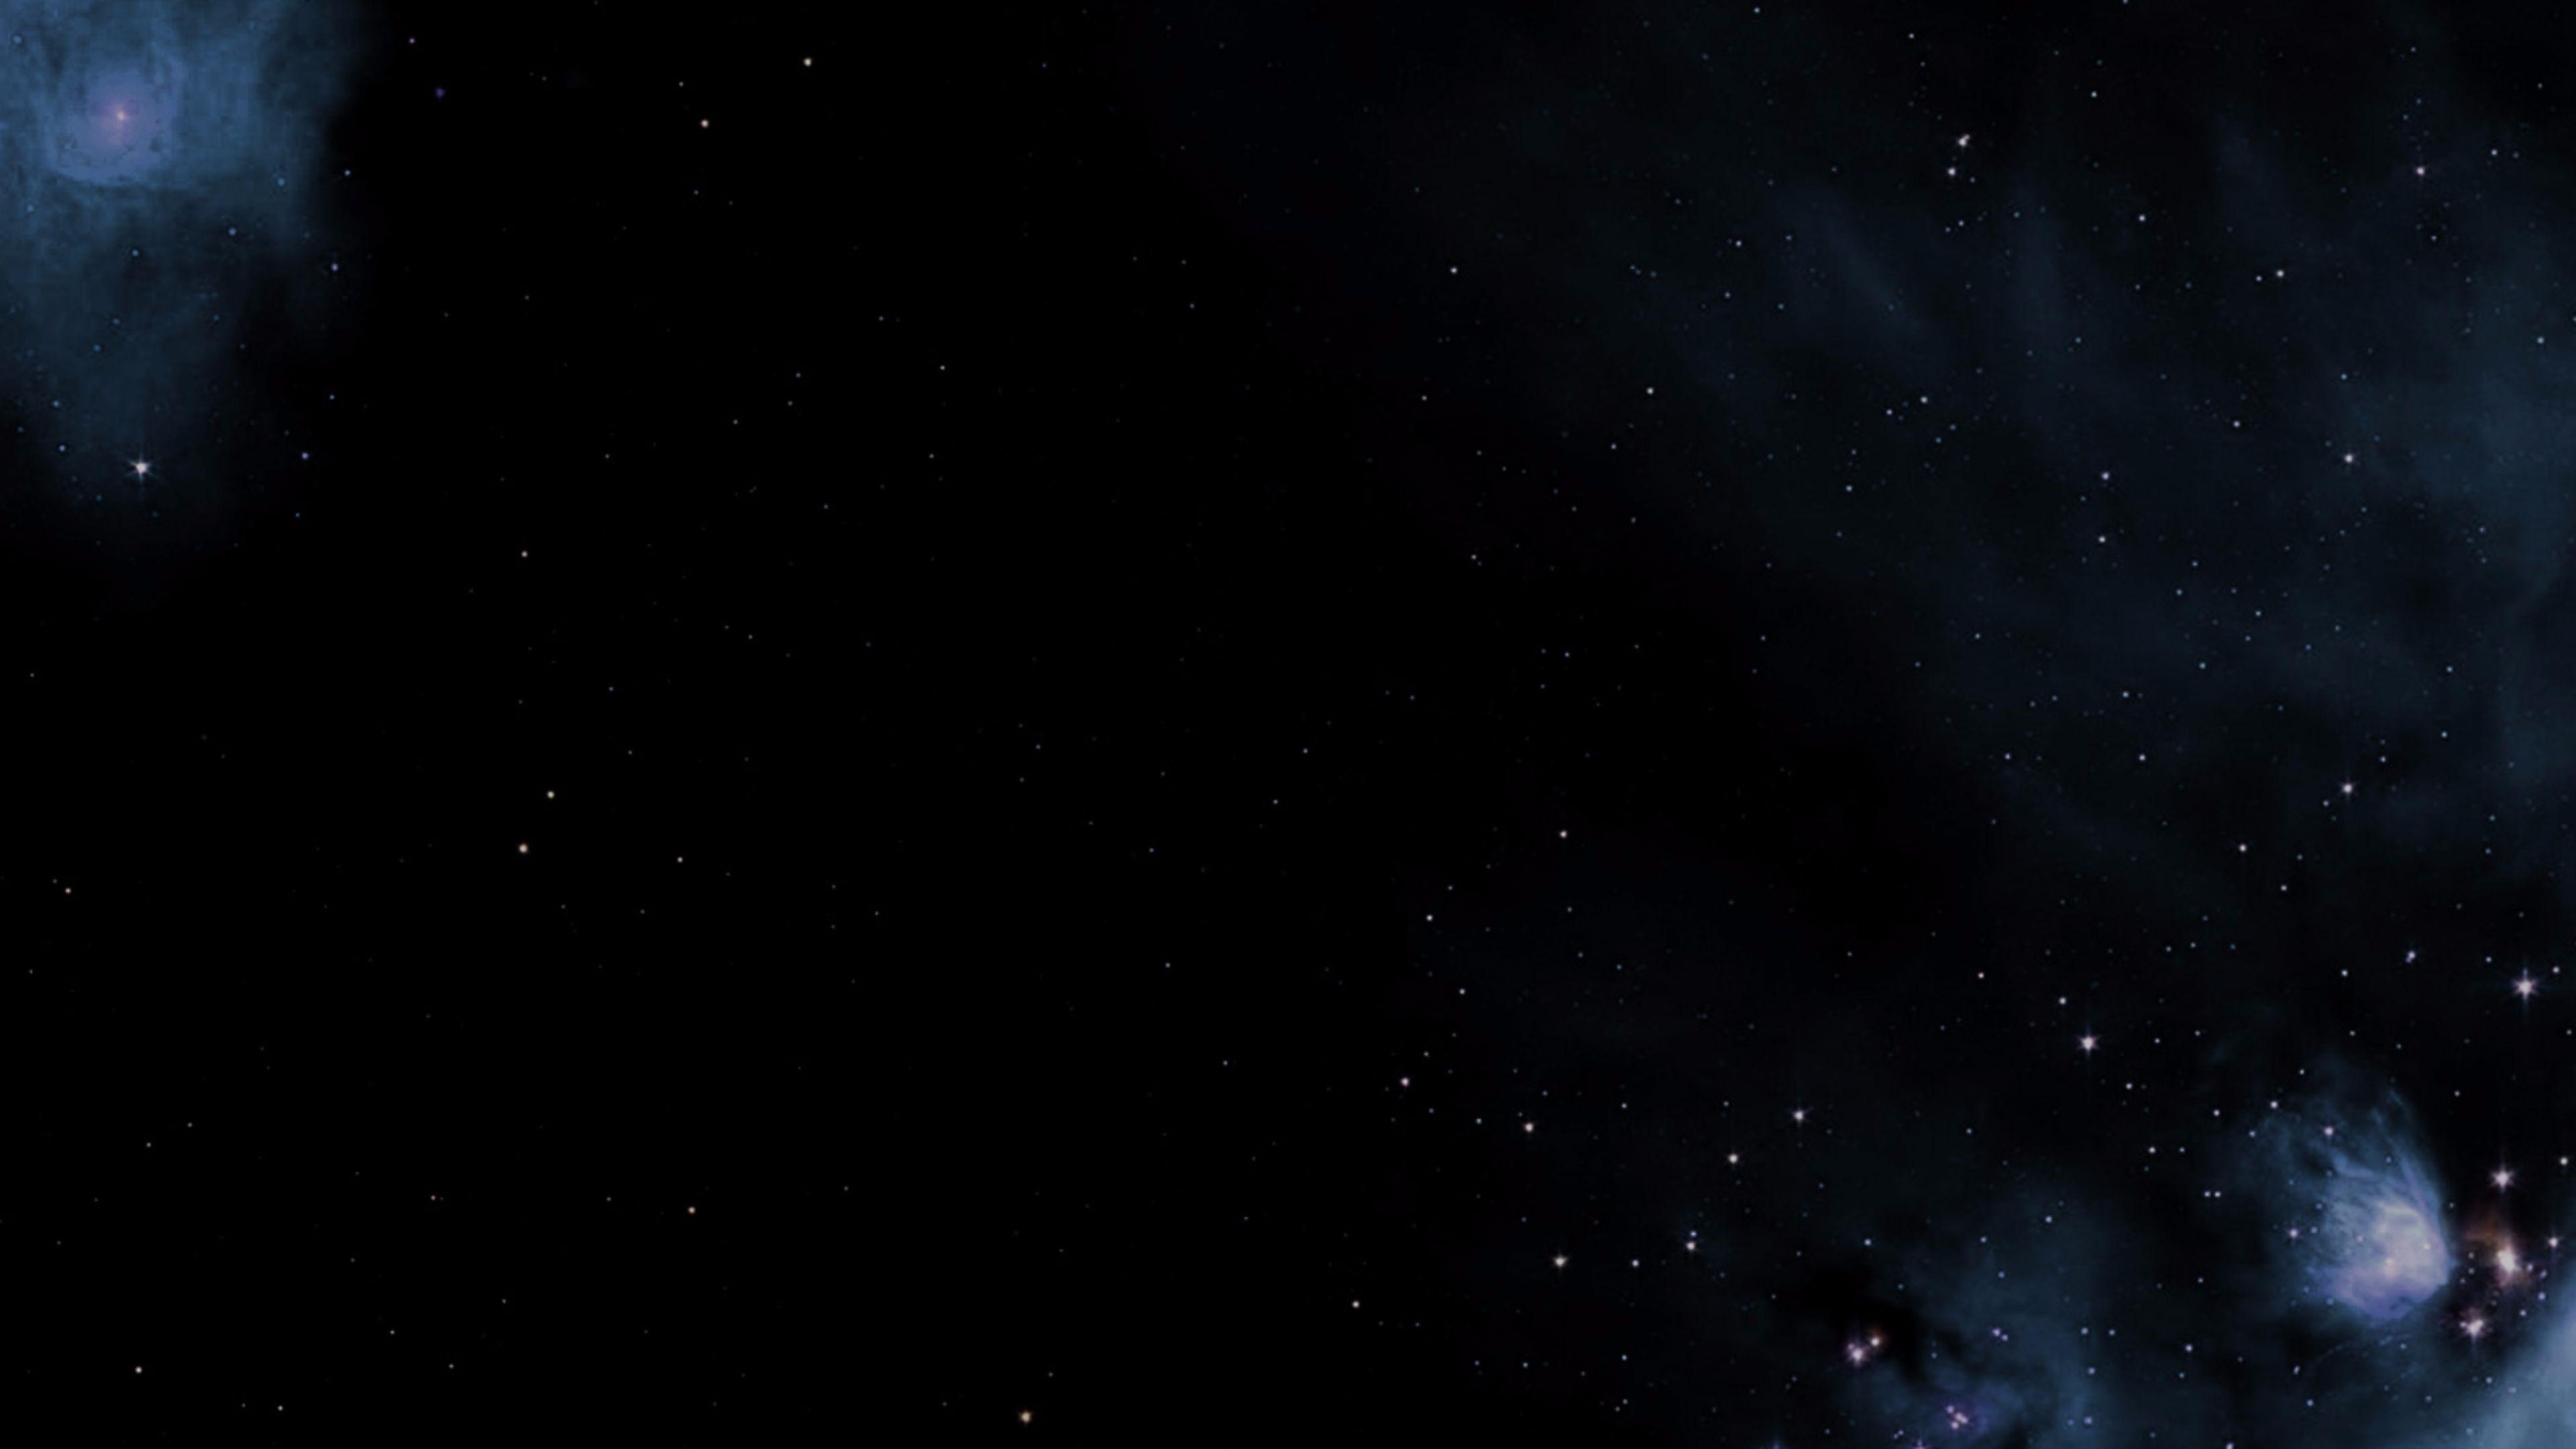 4K Dark Windows Background